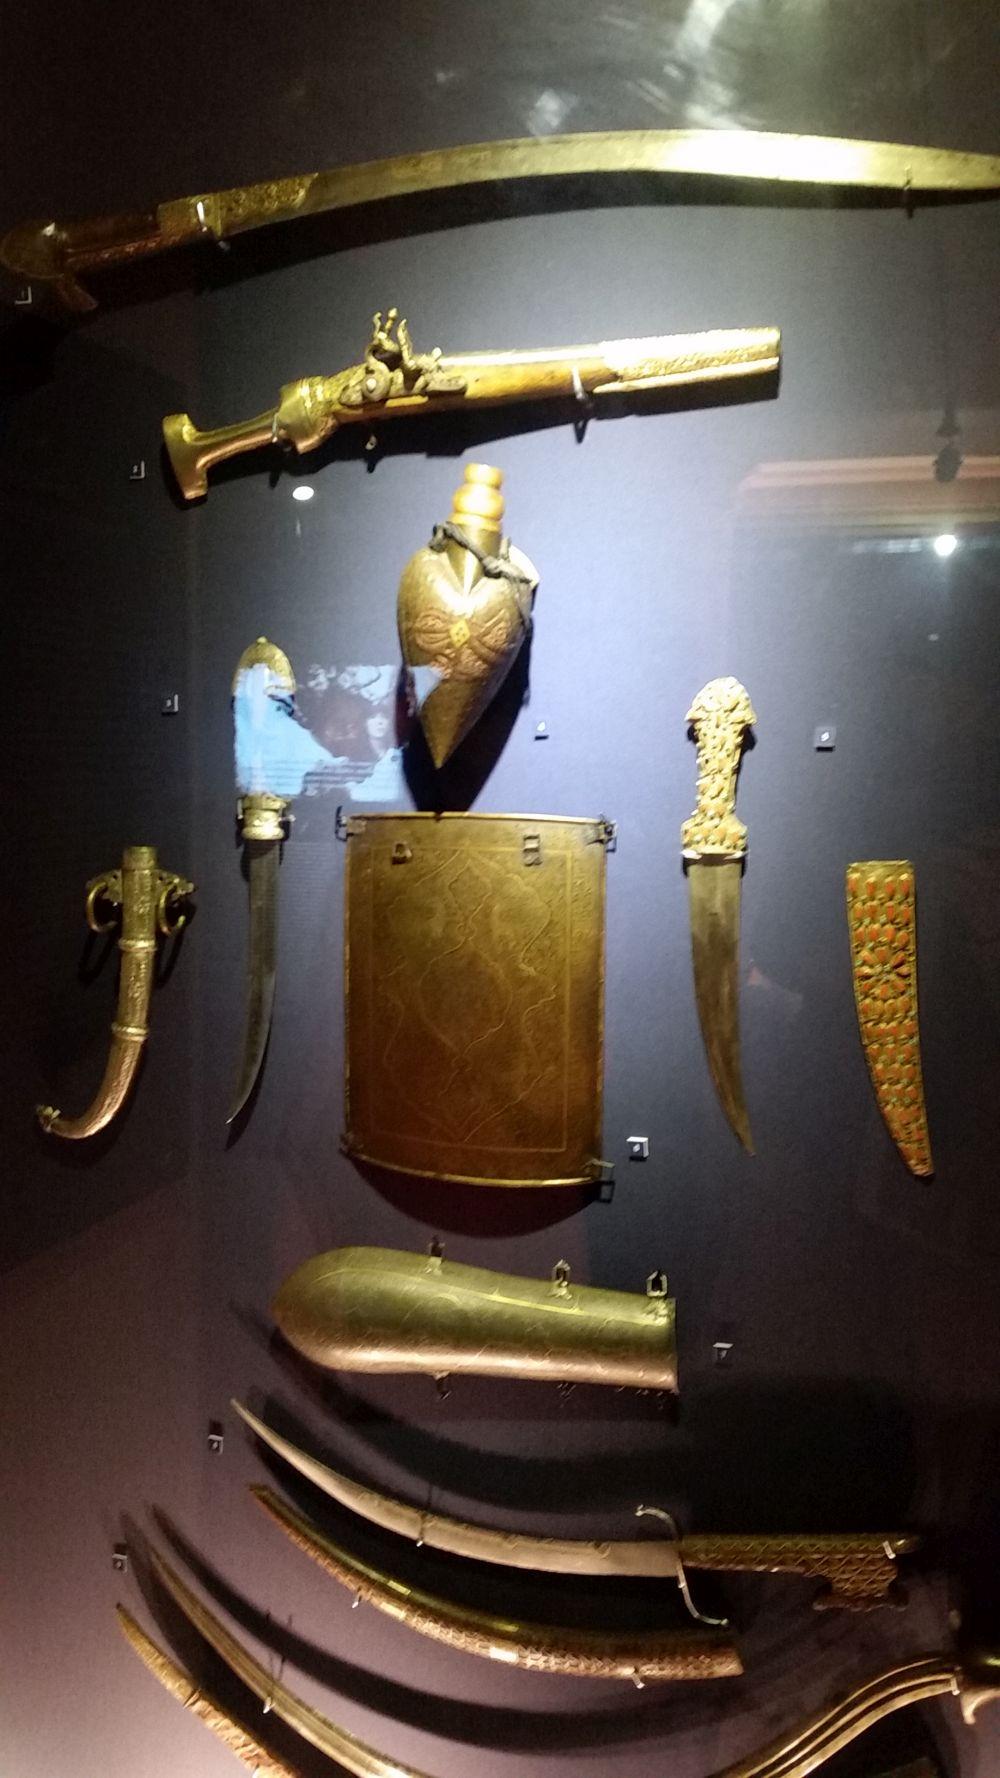 Multe arme expuse la Casa Filipescu-Cesianu, dar nu de colecție, ci arme ce erau purtate de către bucureștenii de altădată, fie zi de zi, fie la ocazii festive. Interesante povești vei afla la muzeu despre motivul purtării lor. Am aflat că exista chiar și un pistol spadă.